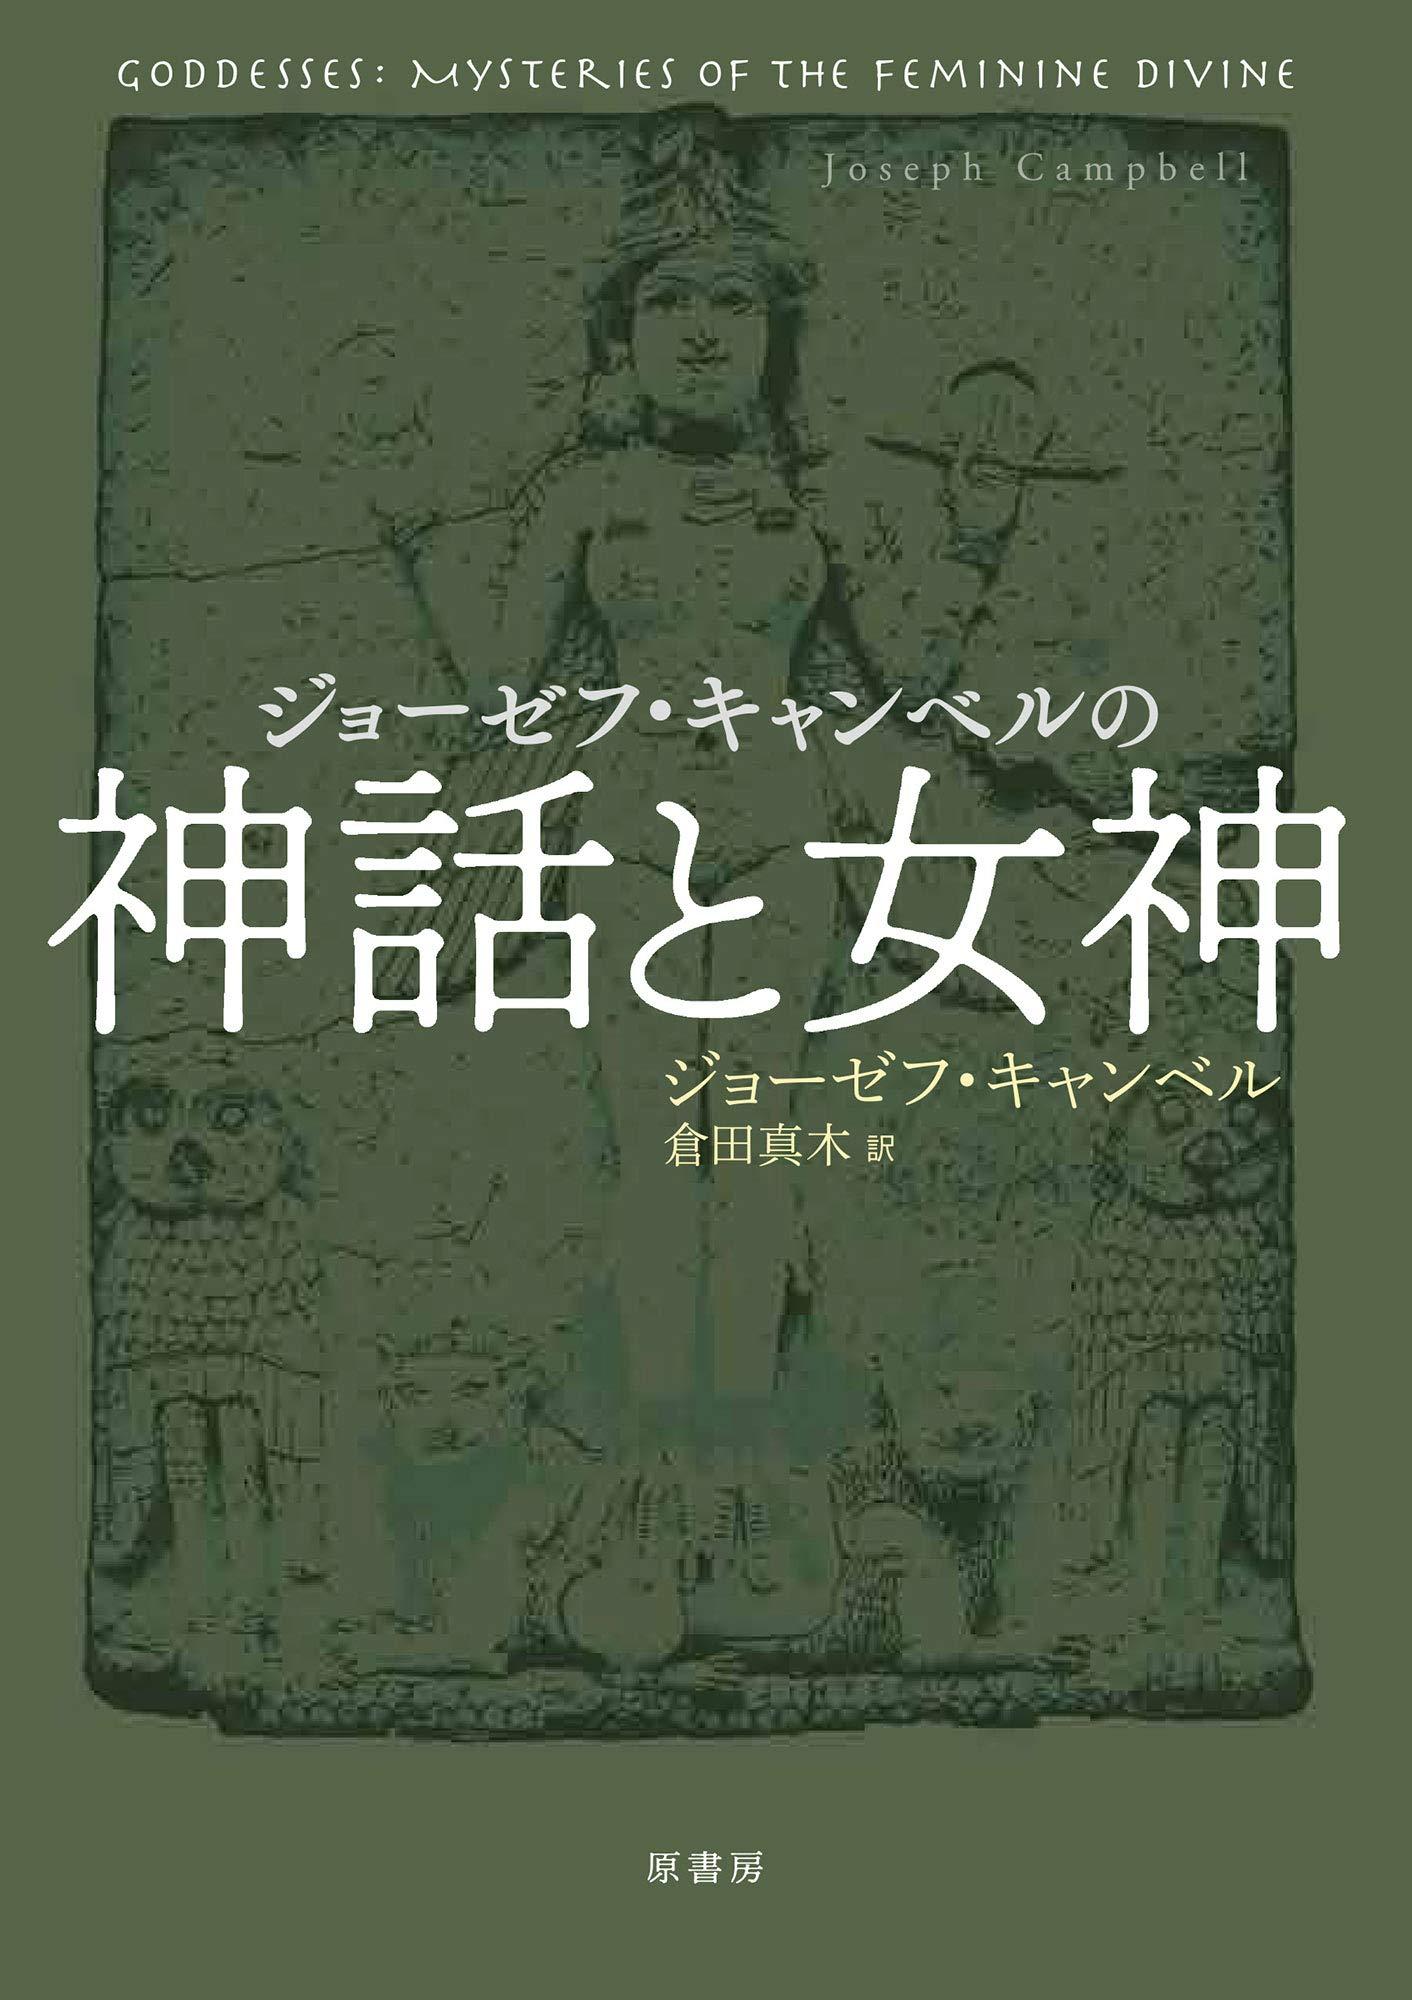 『ジョーゼフ・キャンベルの神話と女神』